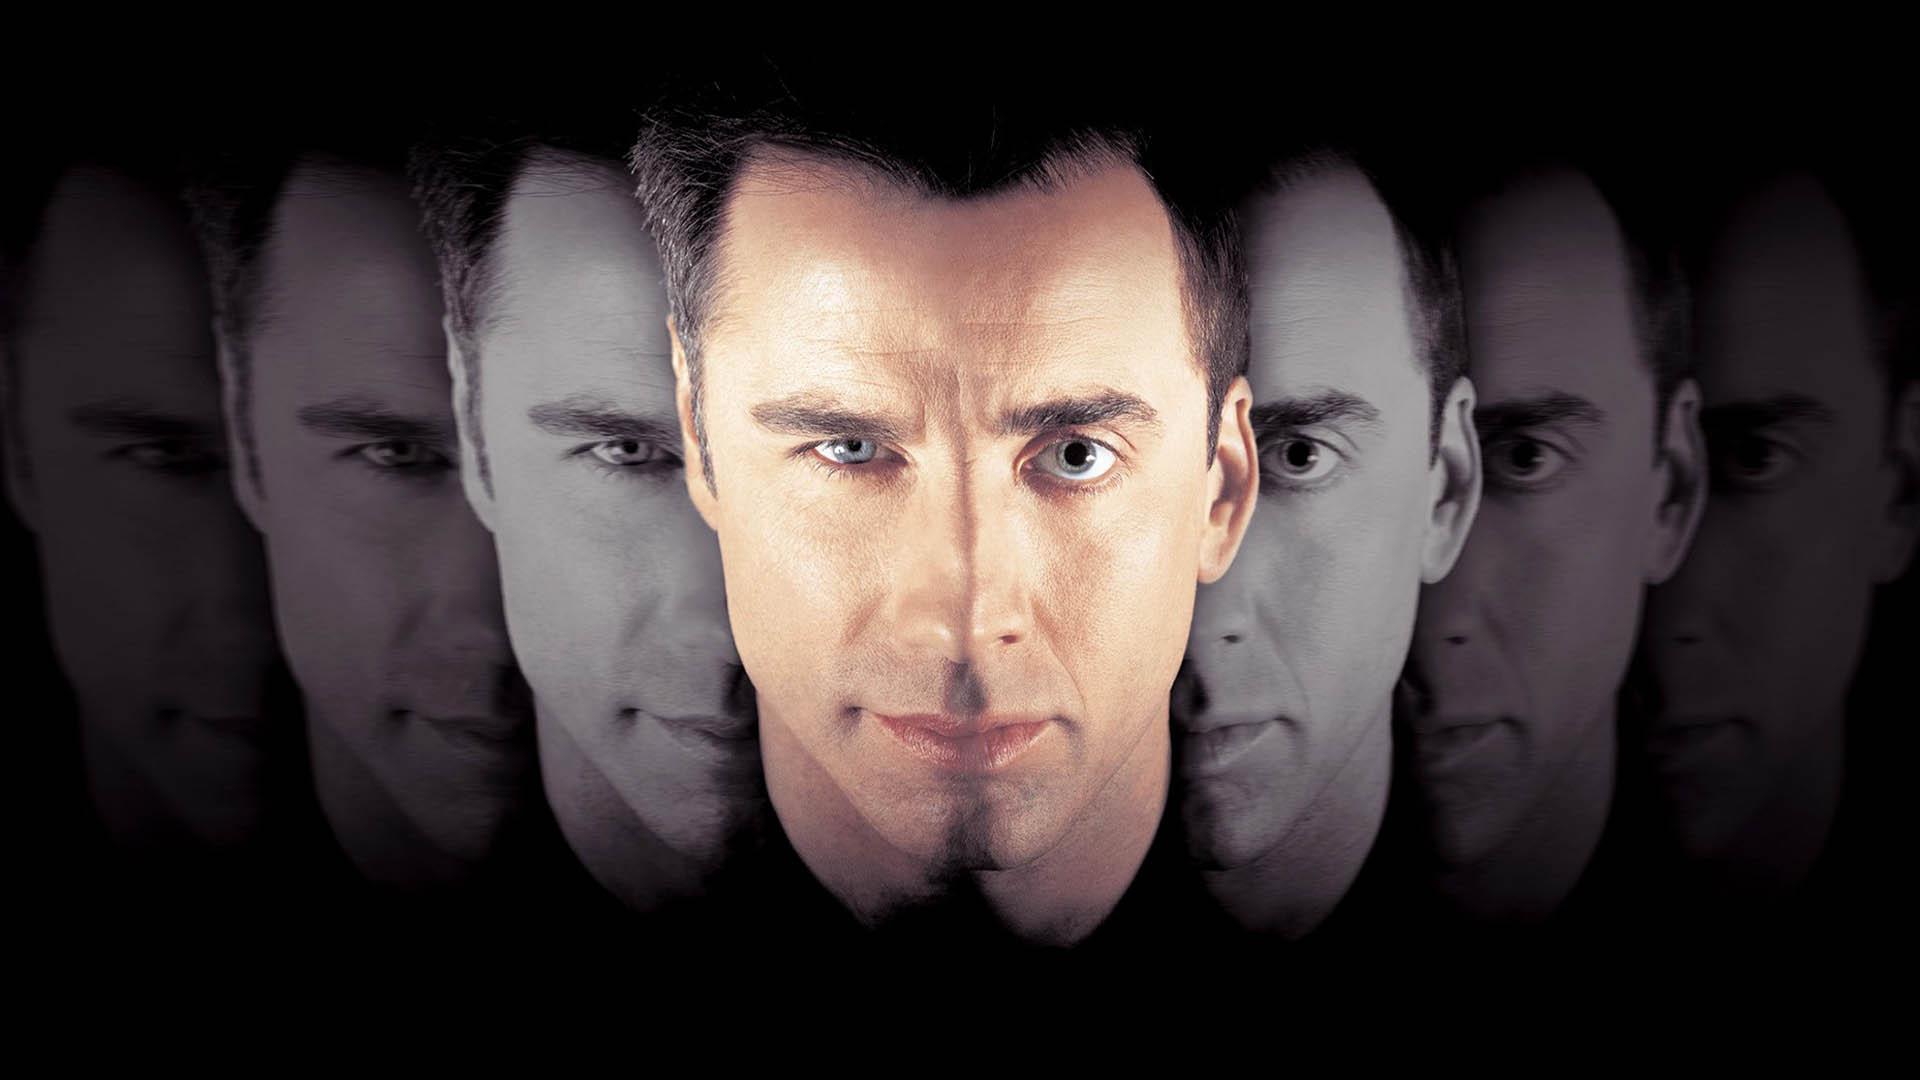 نیکولاس کیج و جان تراولتا در پوستر فیلم face off